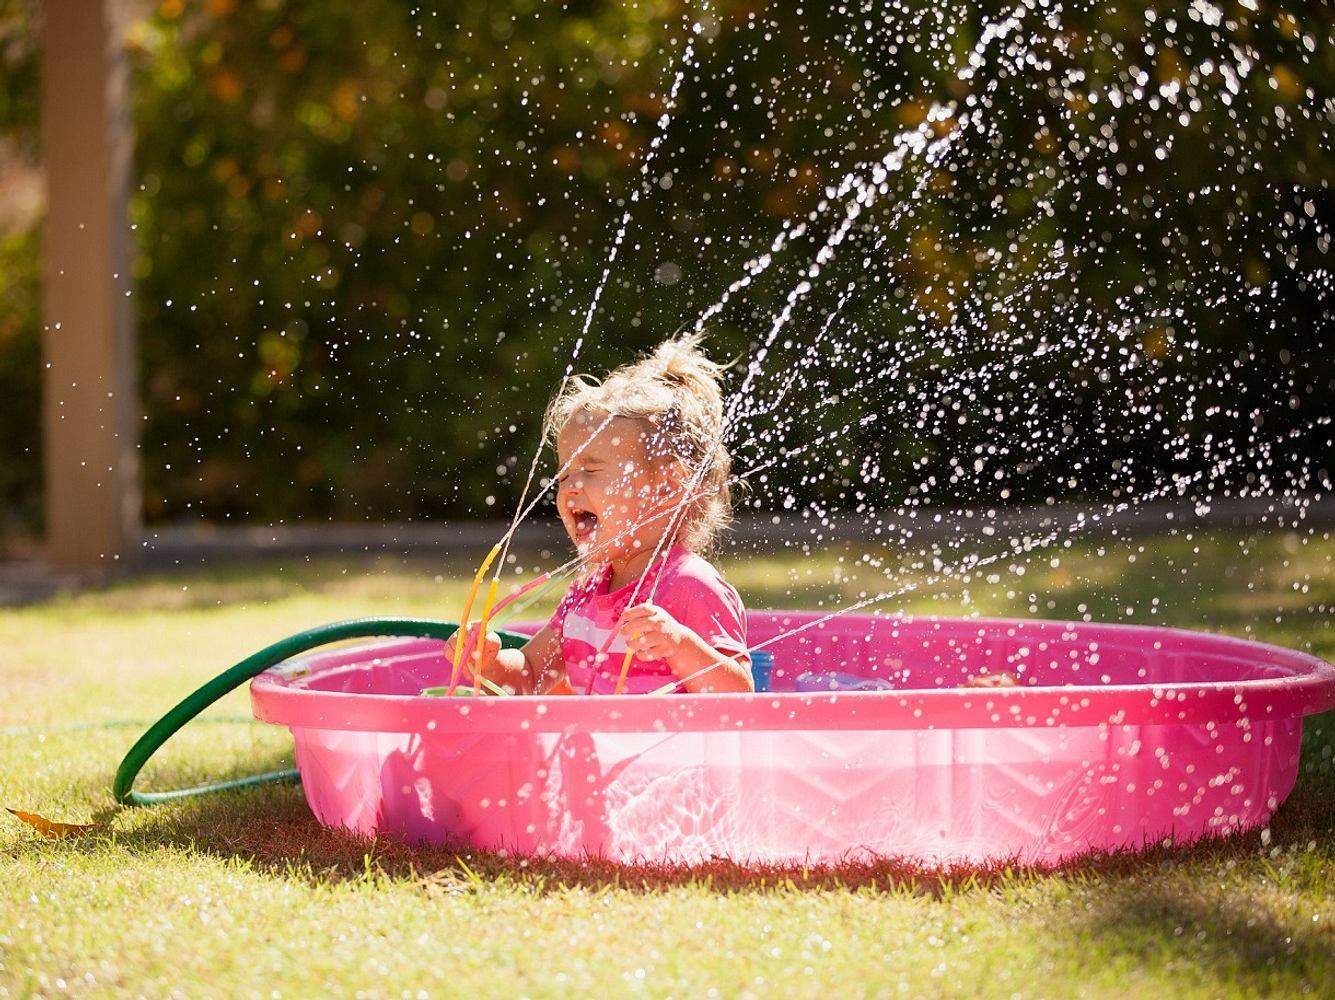 Dieses Wasserspielzeug kommt gut bei Kindern an